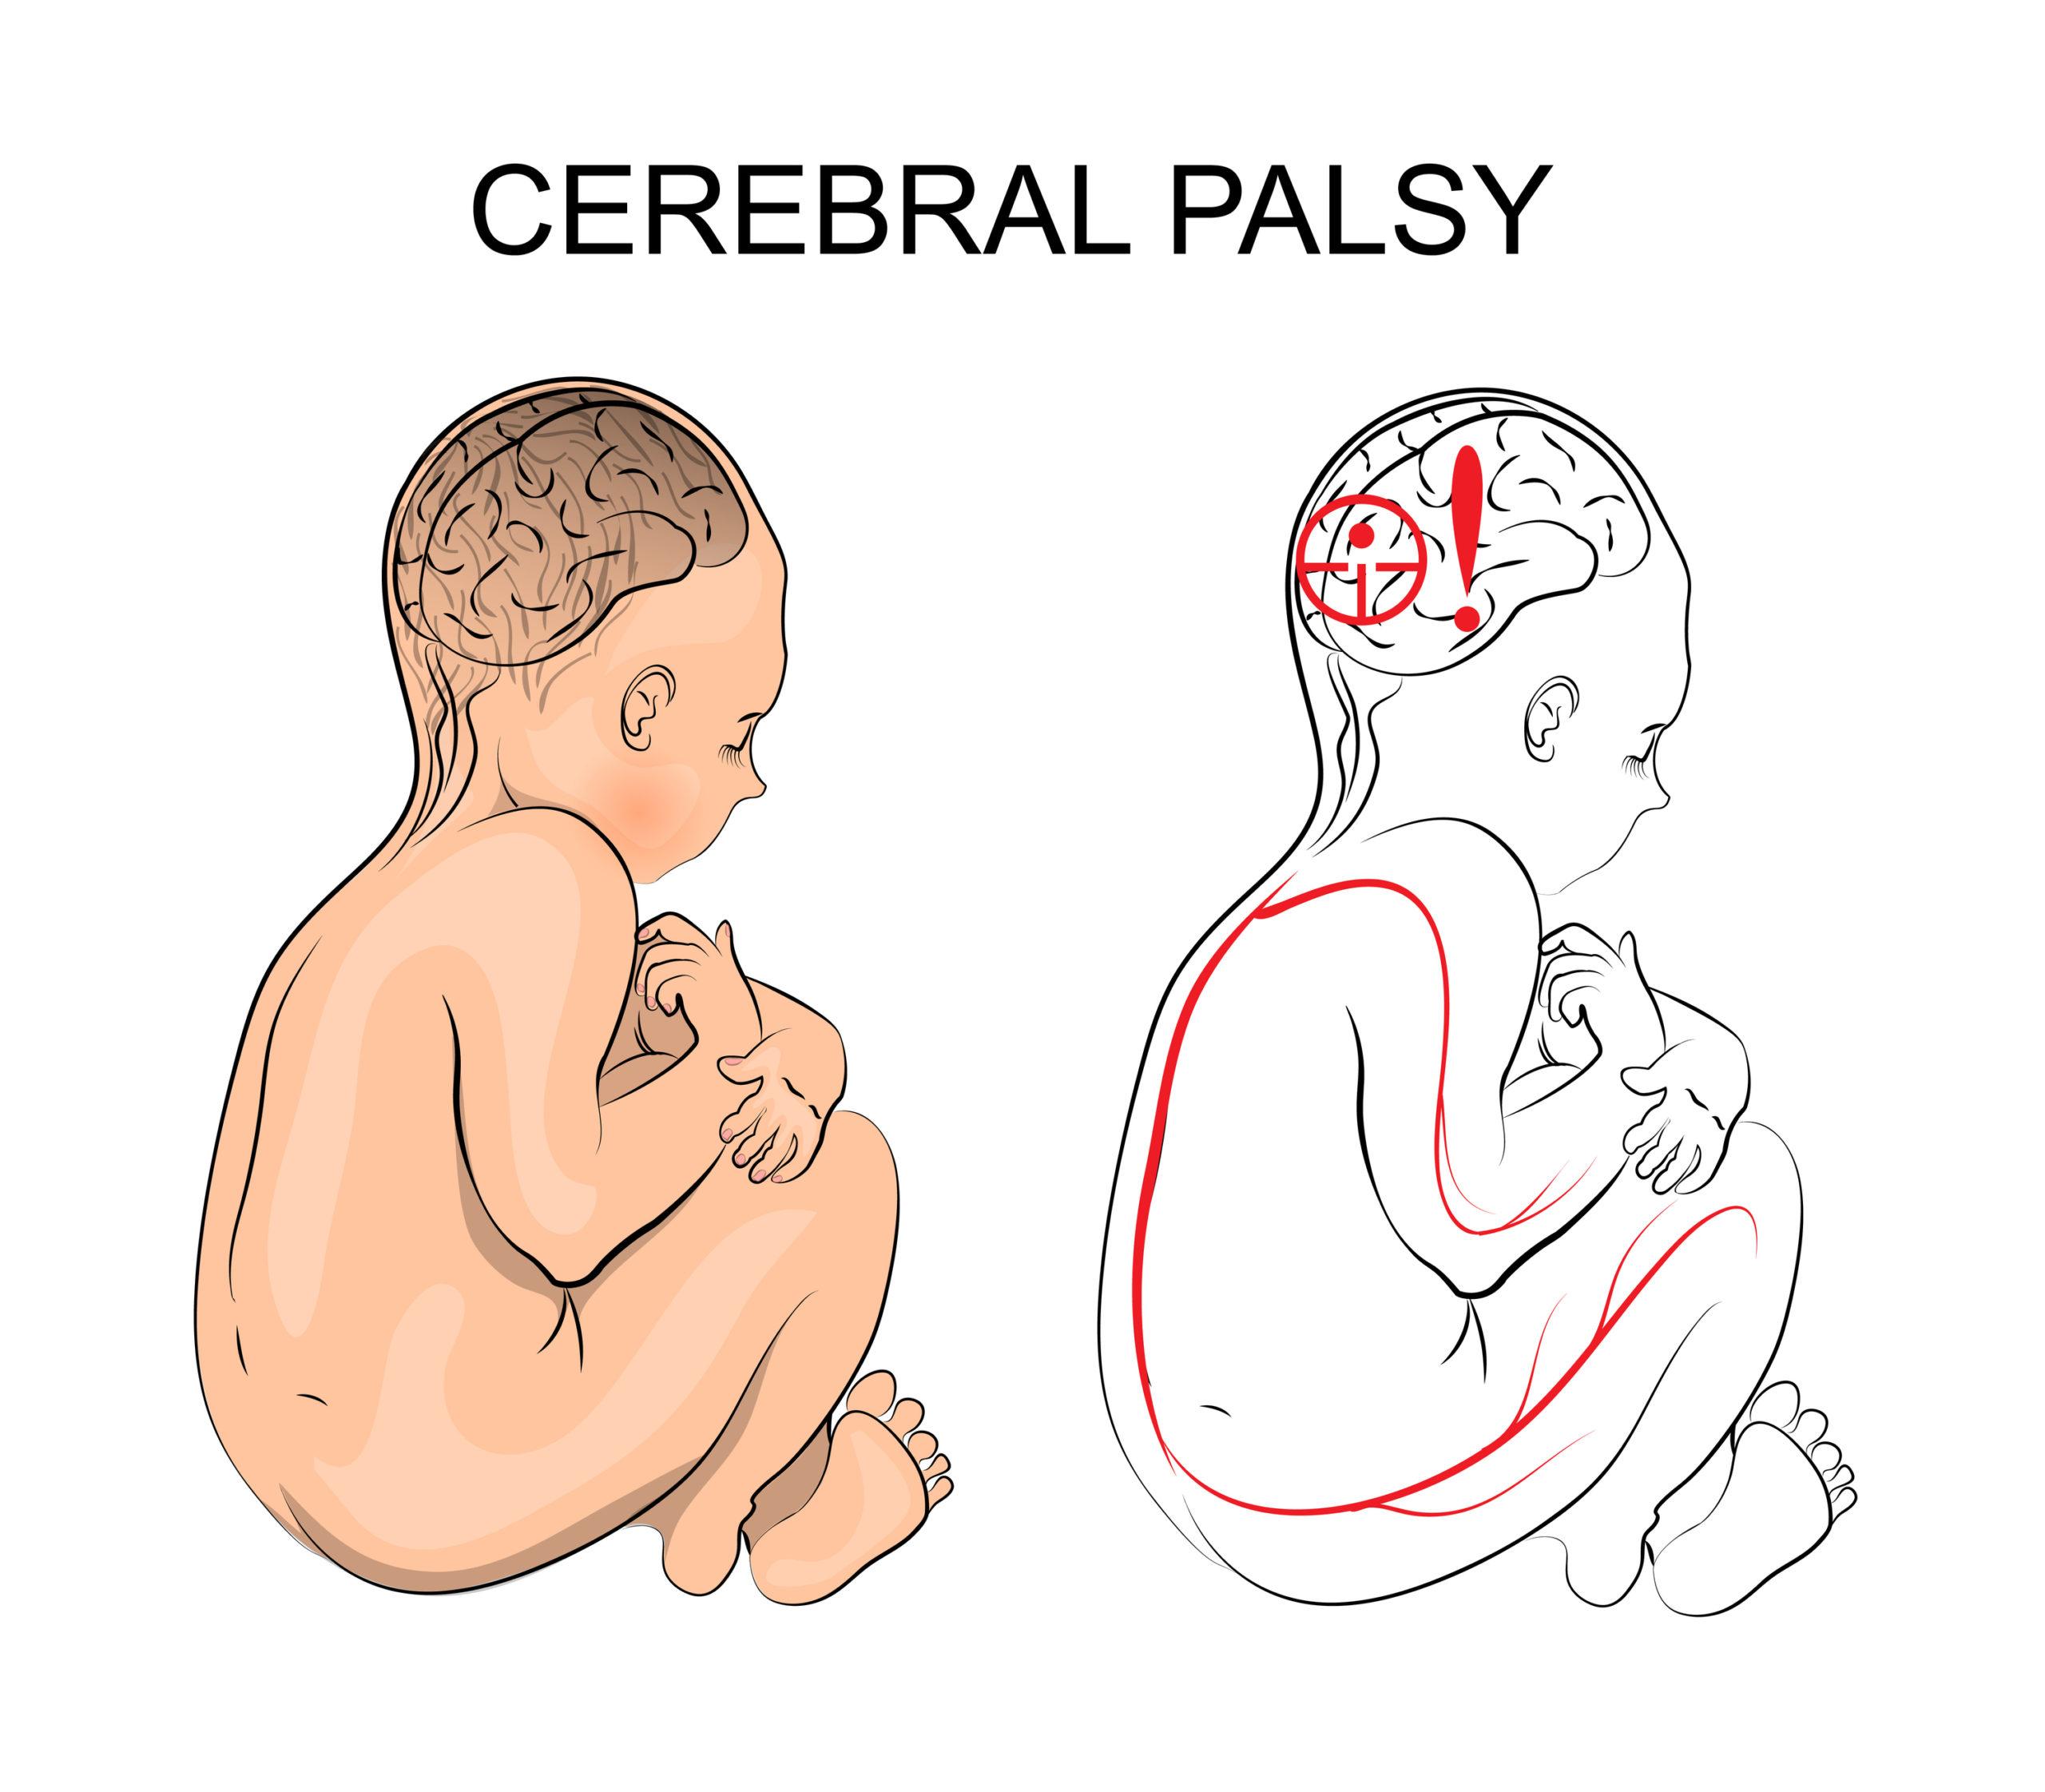 Cerebral Palsy and Marijuana Information: Treat Cerebral Palsy With Cannabis